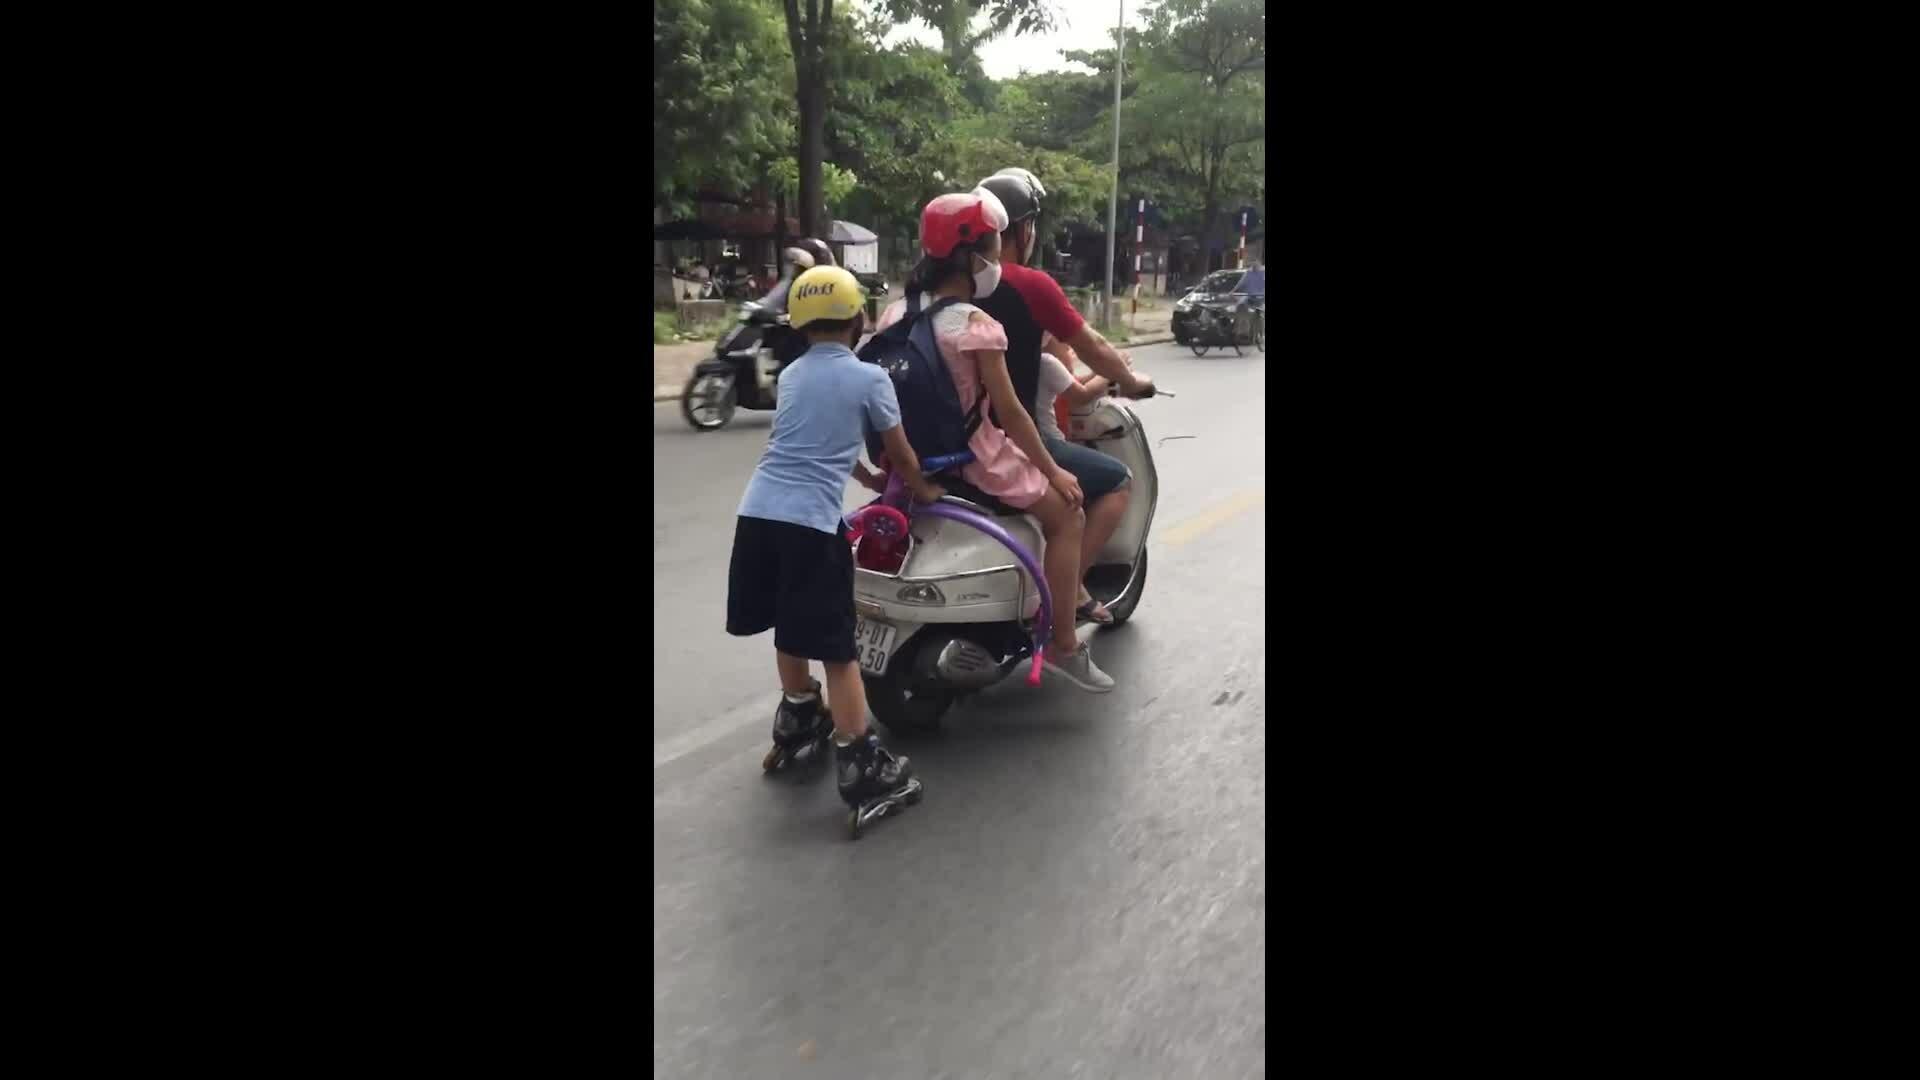 Xe máy chở ba kéo theo một đứa trẻ